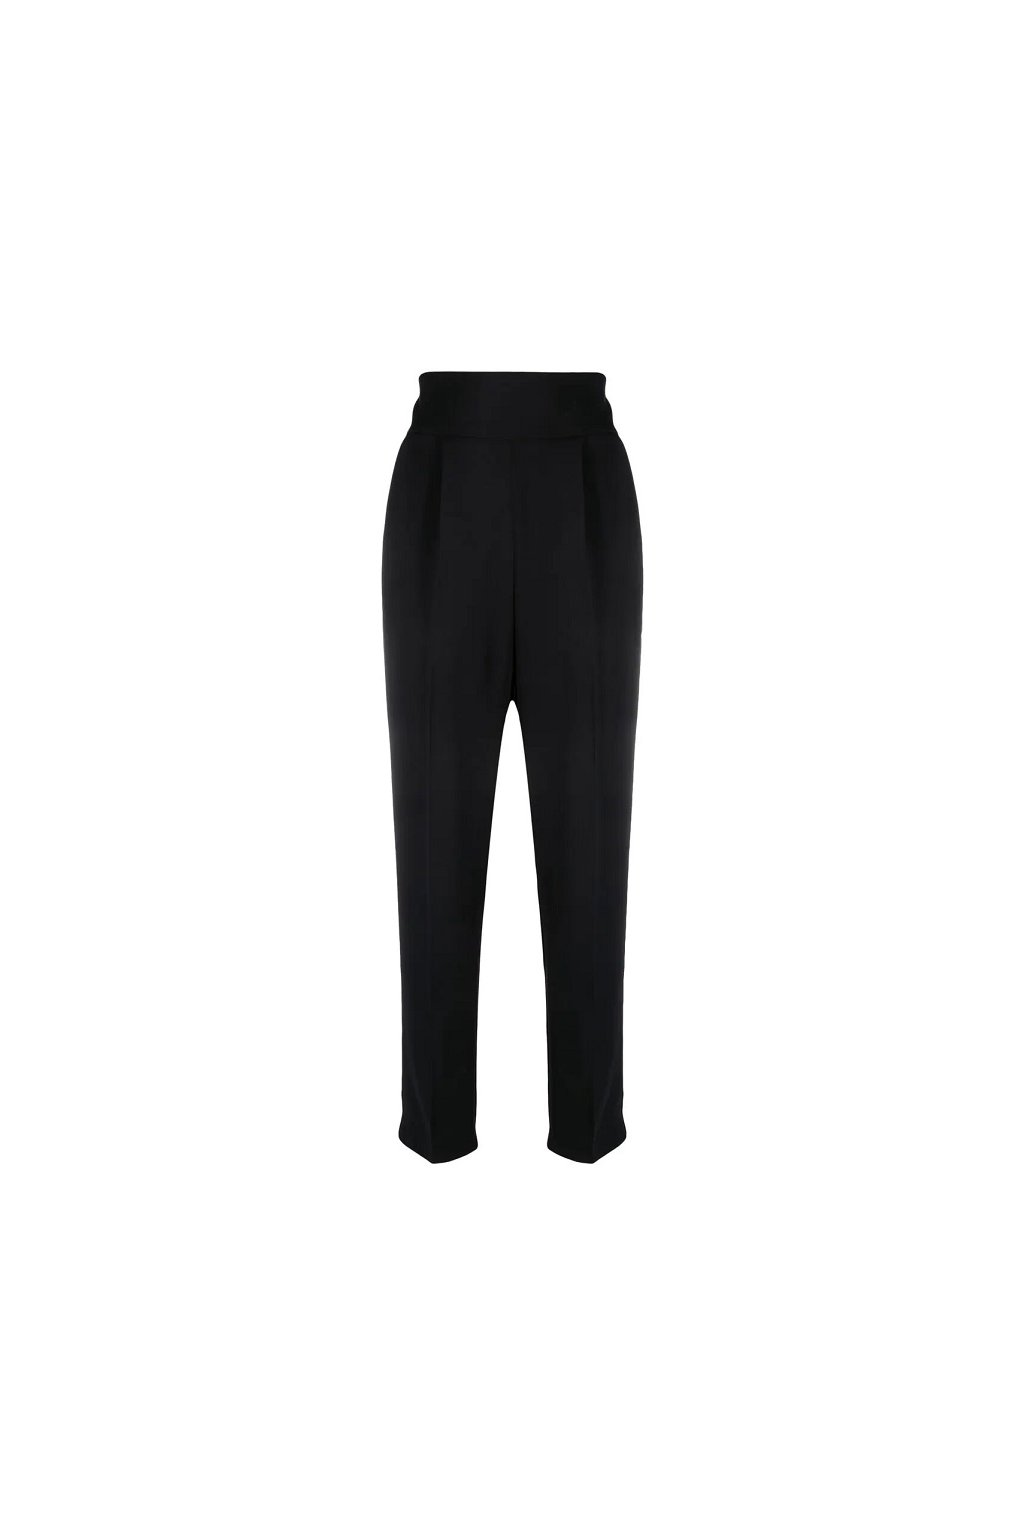 Dámské kalhoty Pinko Natalia 9 černé